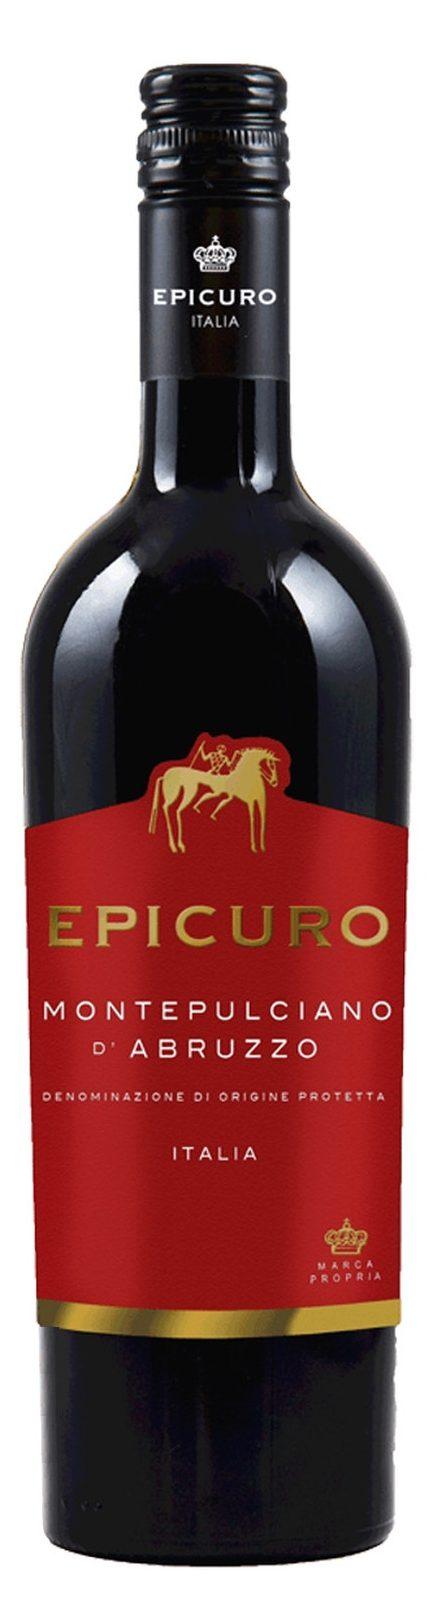 Epicuro Montepulciano